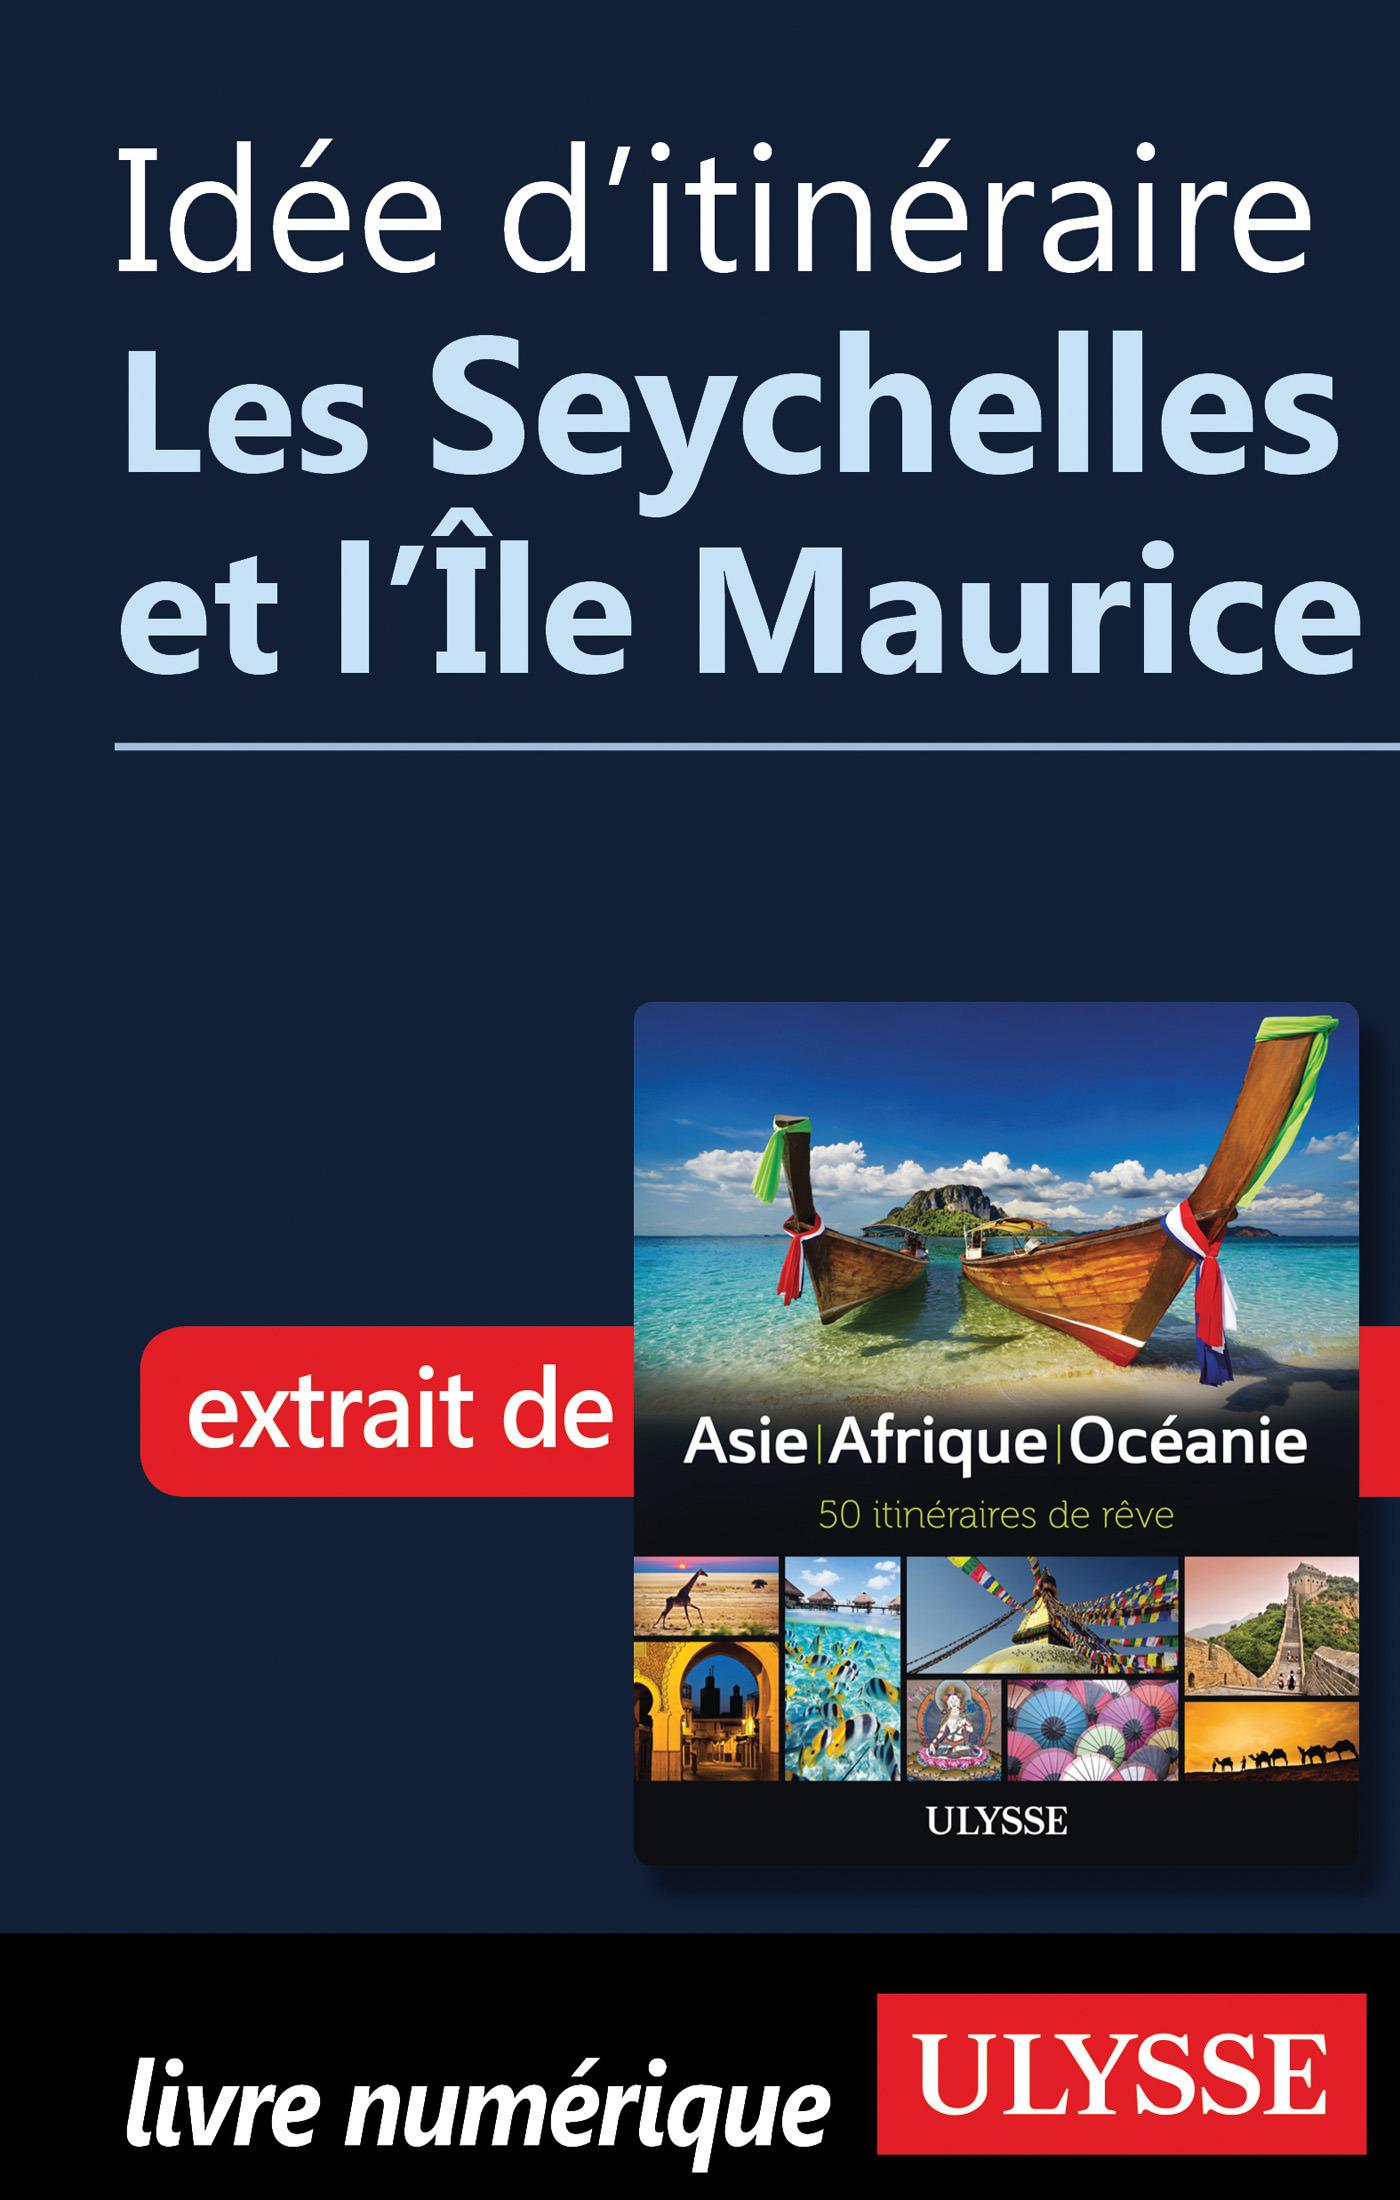 Idée d'itinéraire - Les Seychelles et l'Ile Maurice